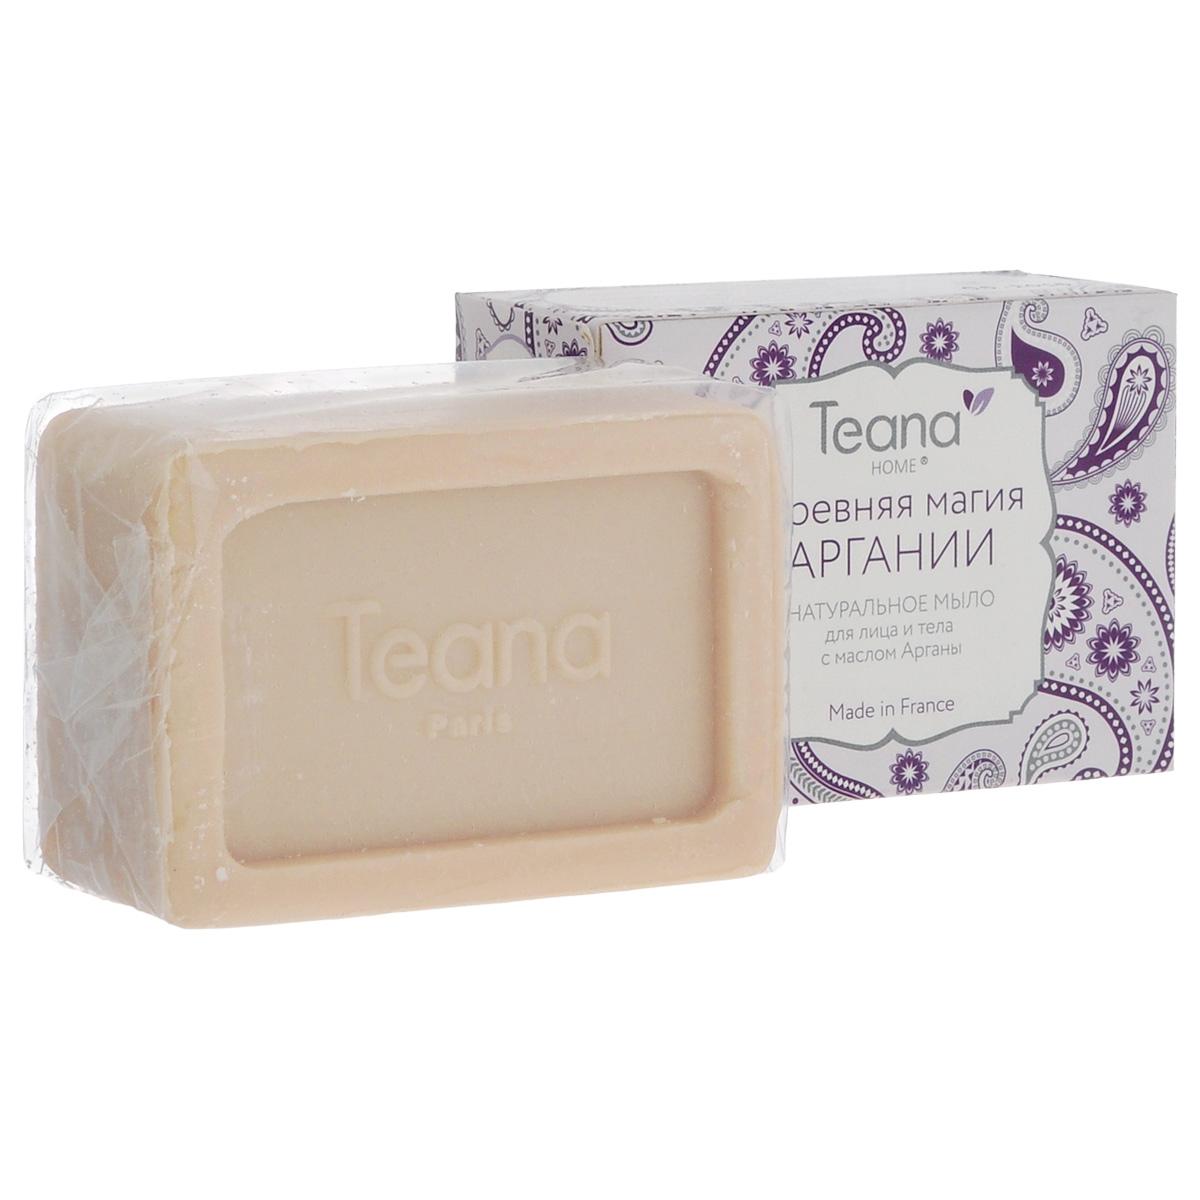 """Teana Натуральное мыло для лица и тела """"Древняя магия Аргании"""", для сухой и чувствительной кожи, с маслом Арганы , 100 г"""